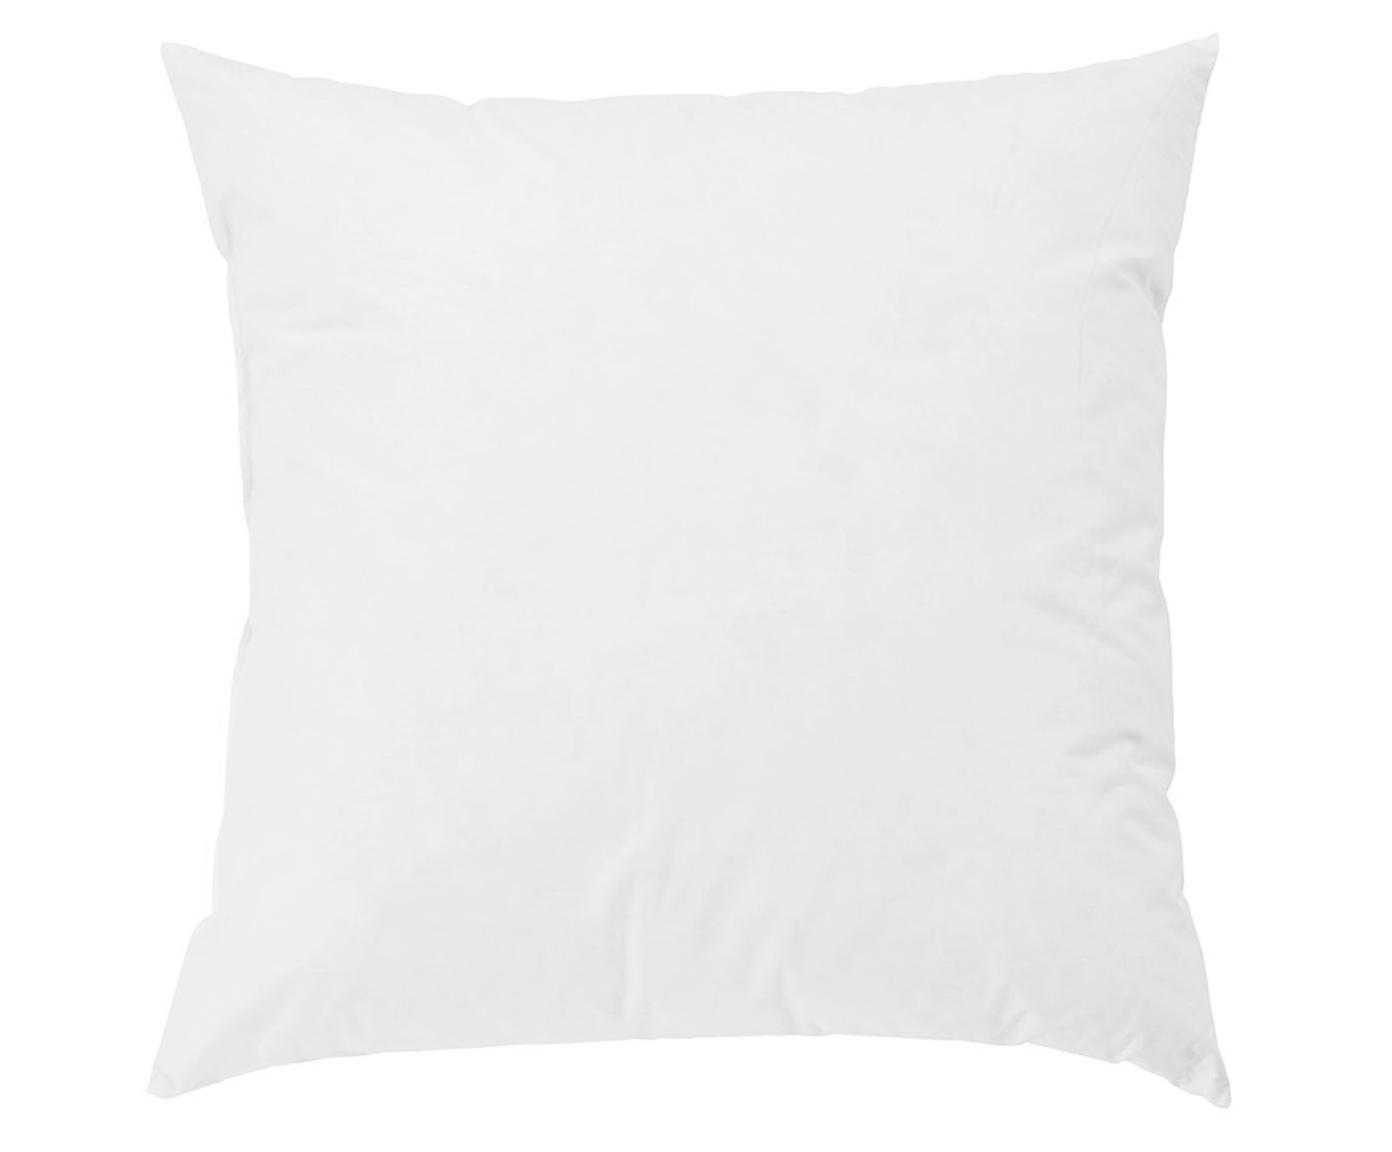 Kissen-Inlett Premium, 40x40, Daunen/Feder-Füllung, Weiß, 40 x 40 cm